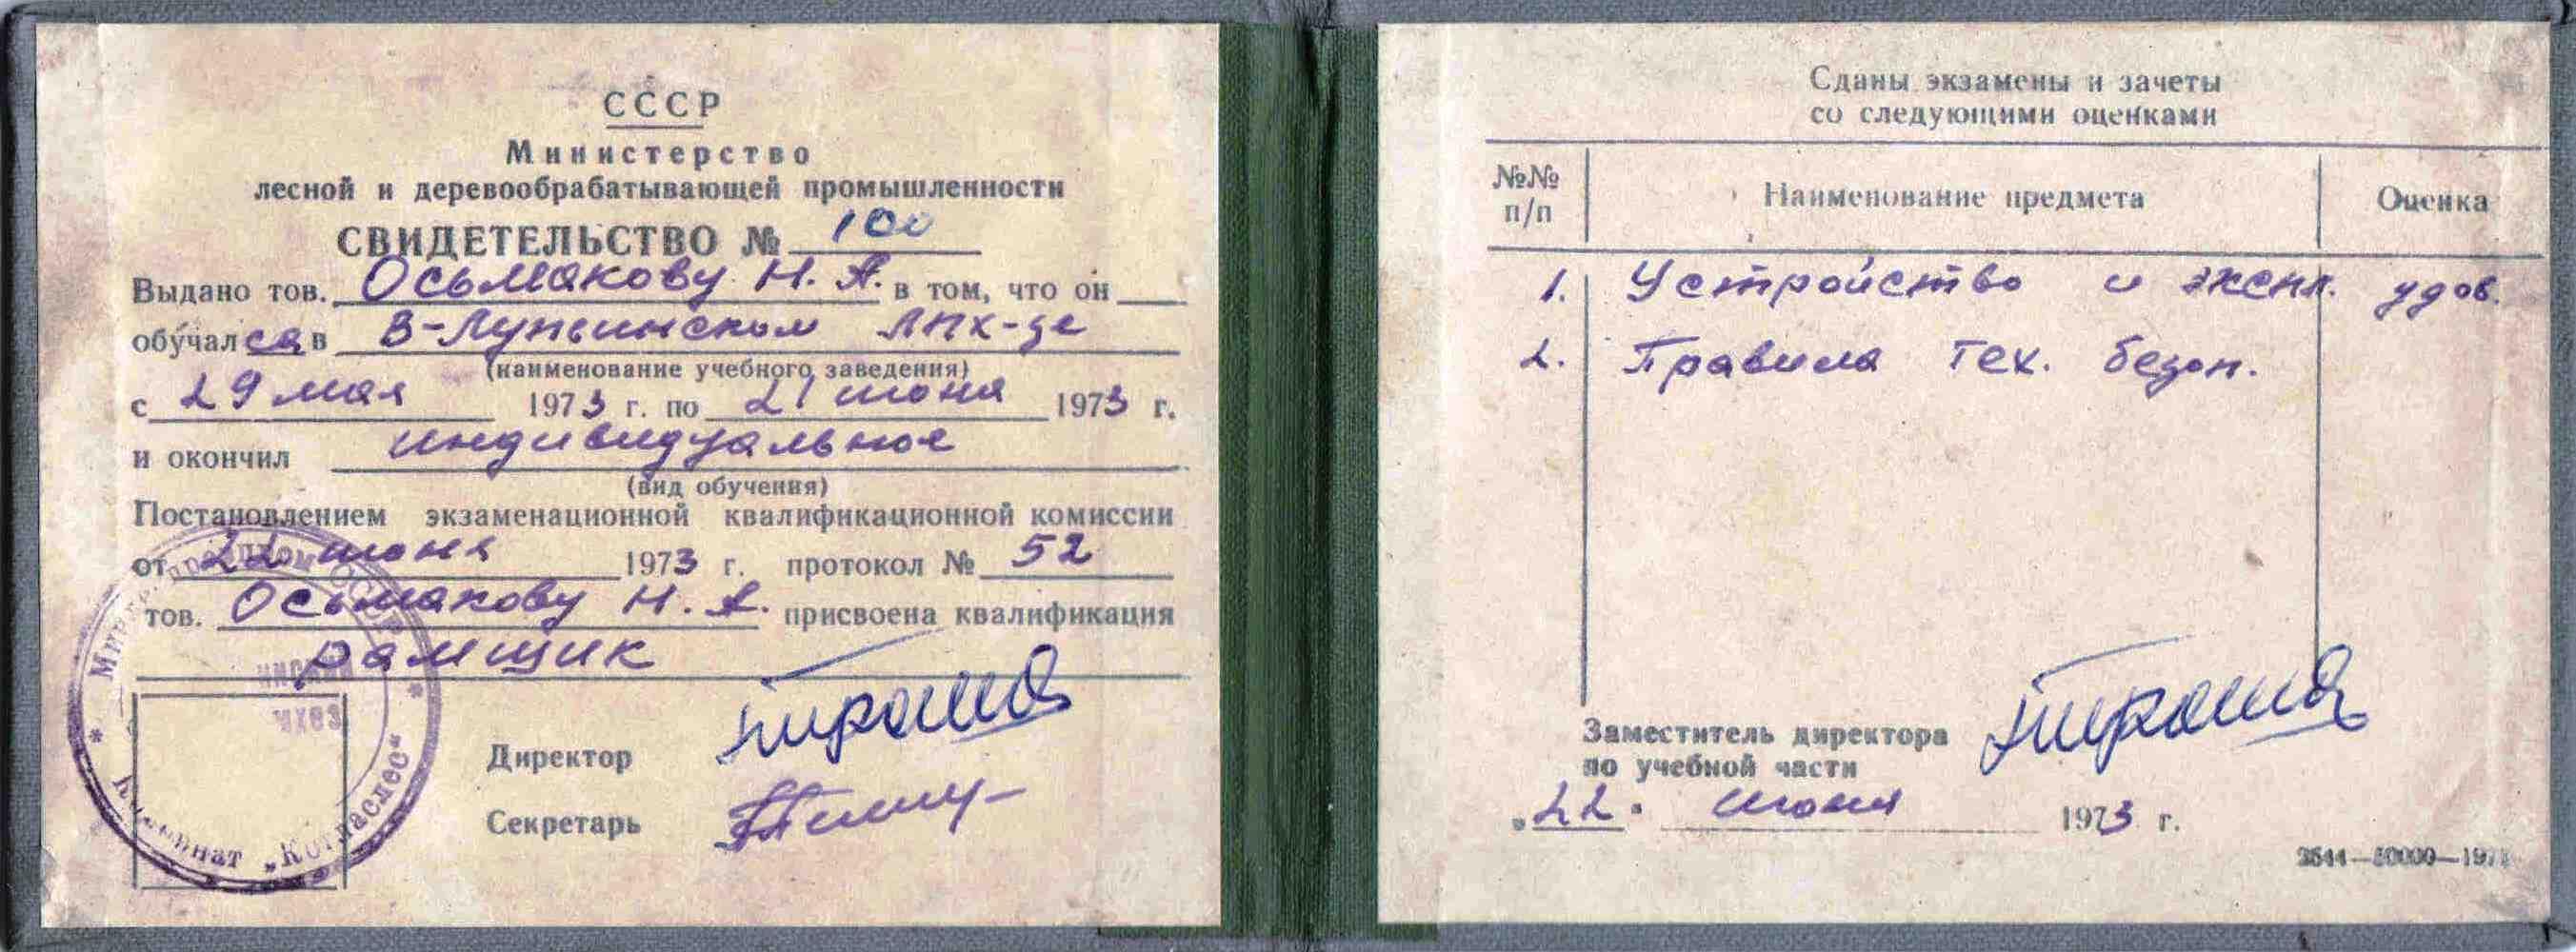 56. Свидетельство рамщика, 1973 г.